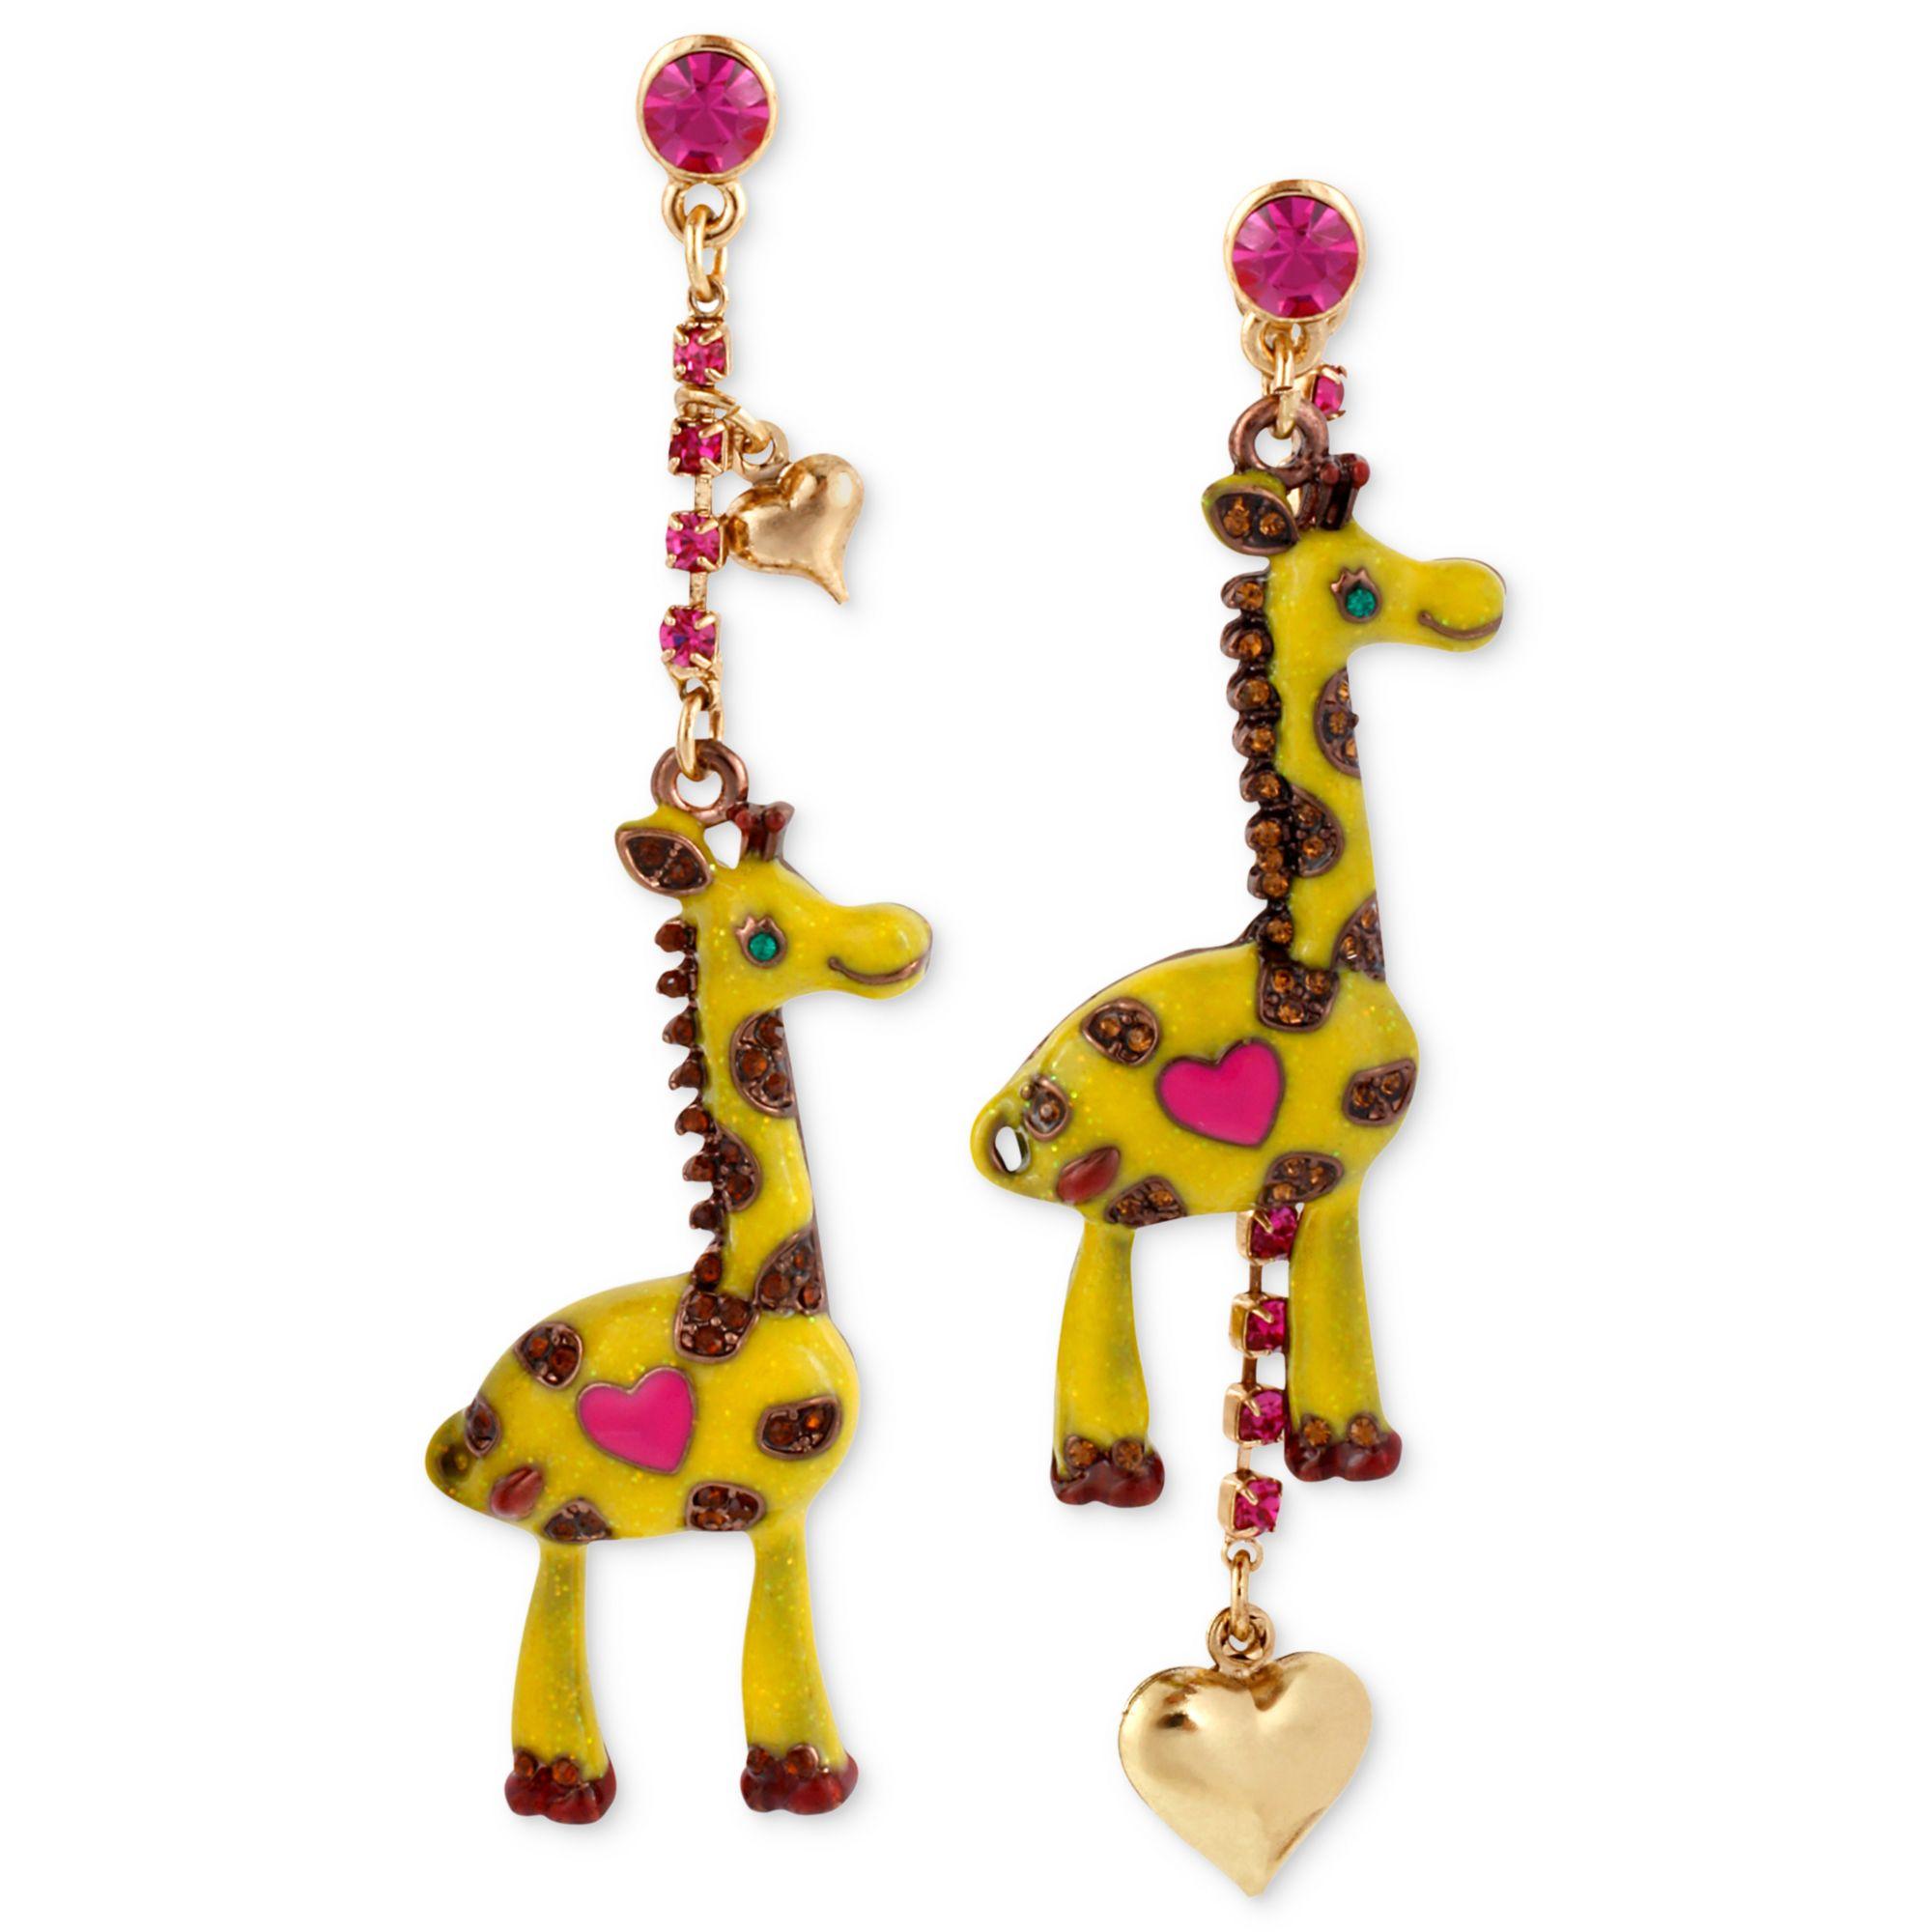 Betsey Johnson Antique Goldtone Giraffe Mismatch Linear Earrings